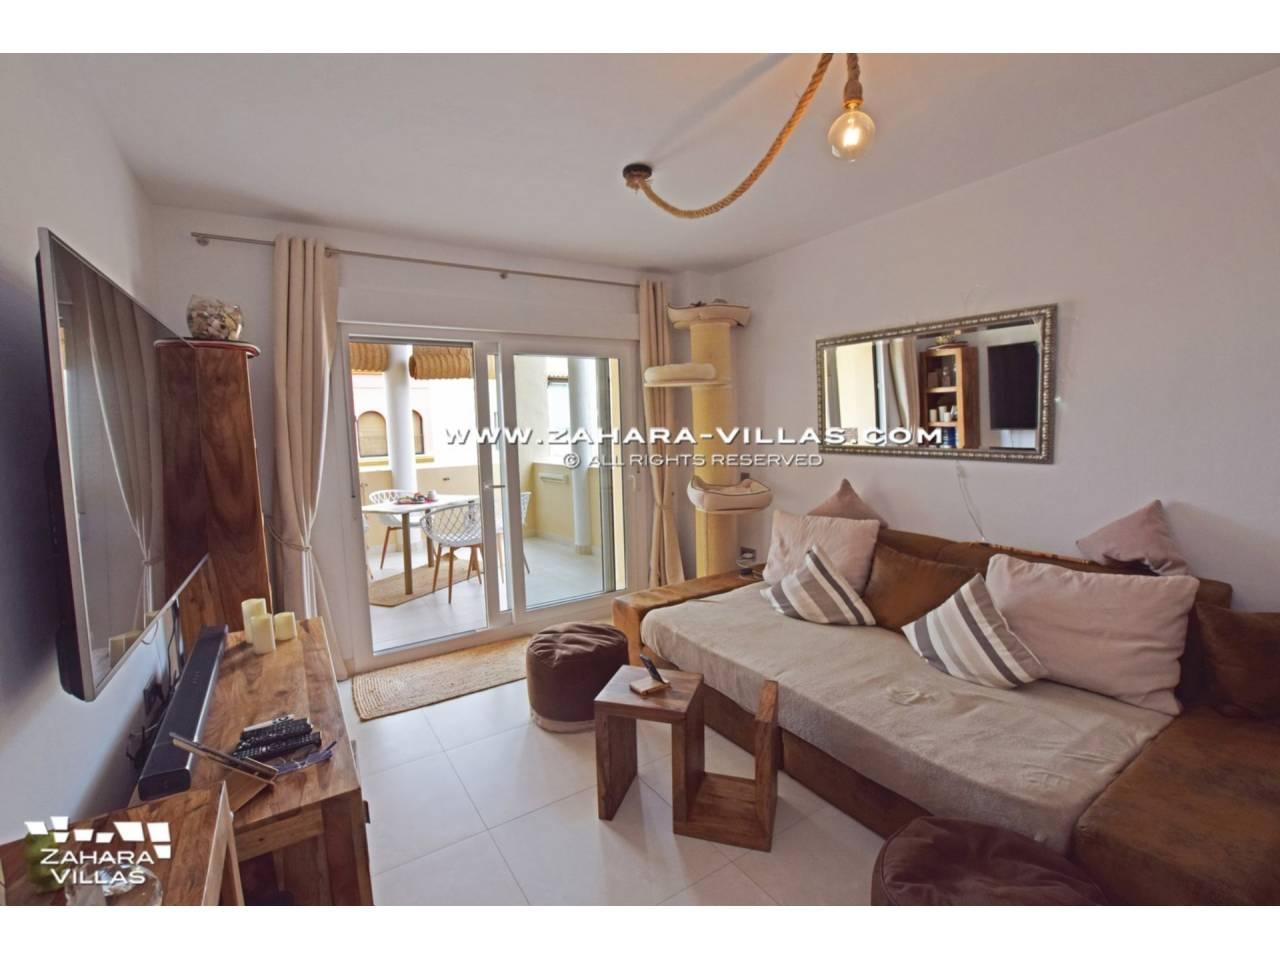 Imagen 15 de Penthouse appartment reformed for sale in Costa de la Luz